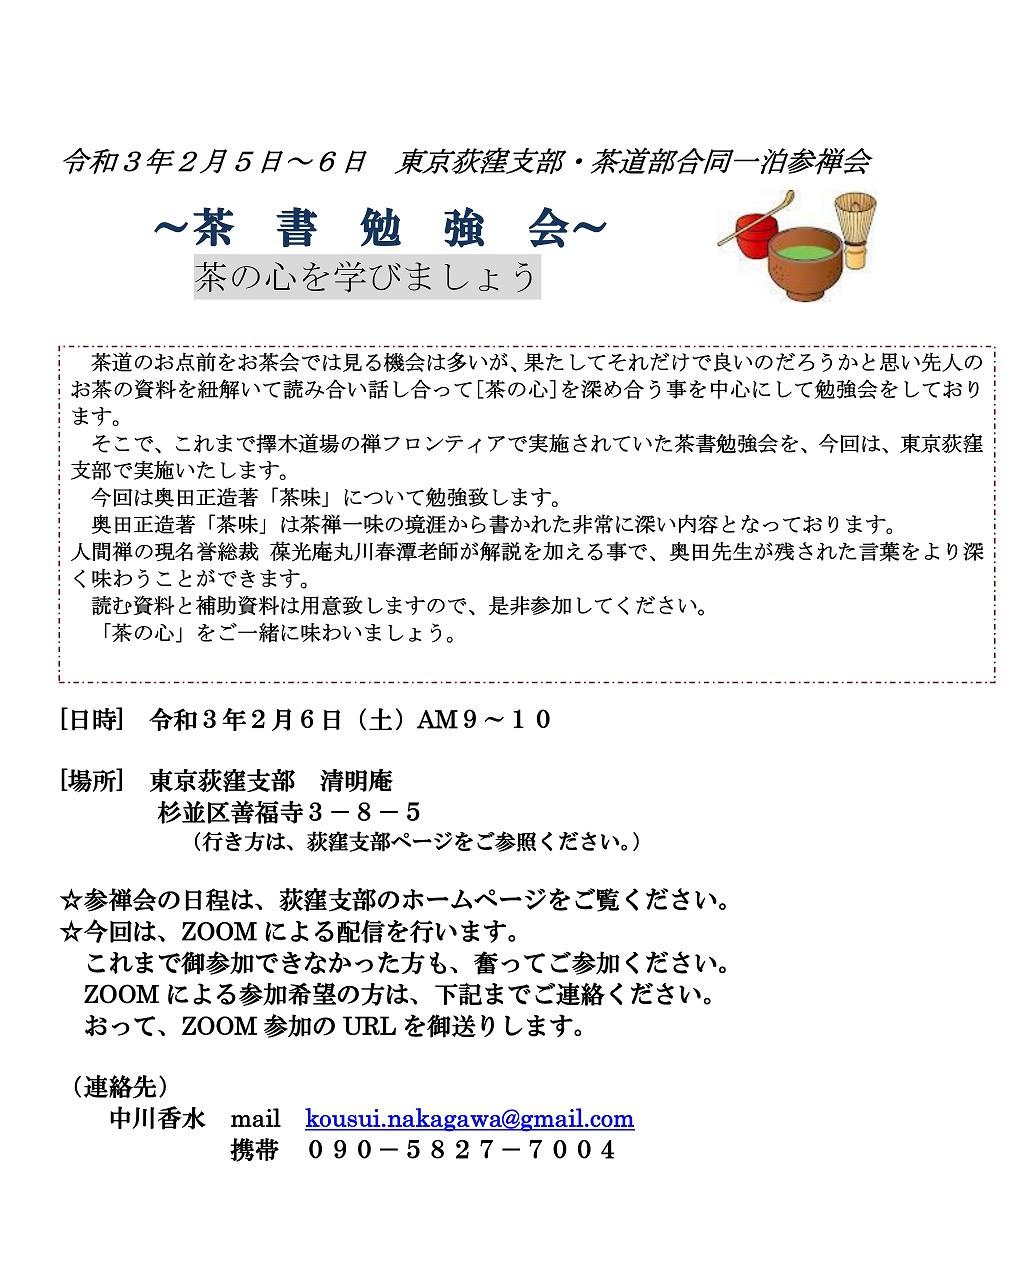 茶書勉強会、荻窪(R3.2)小.jpg